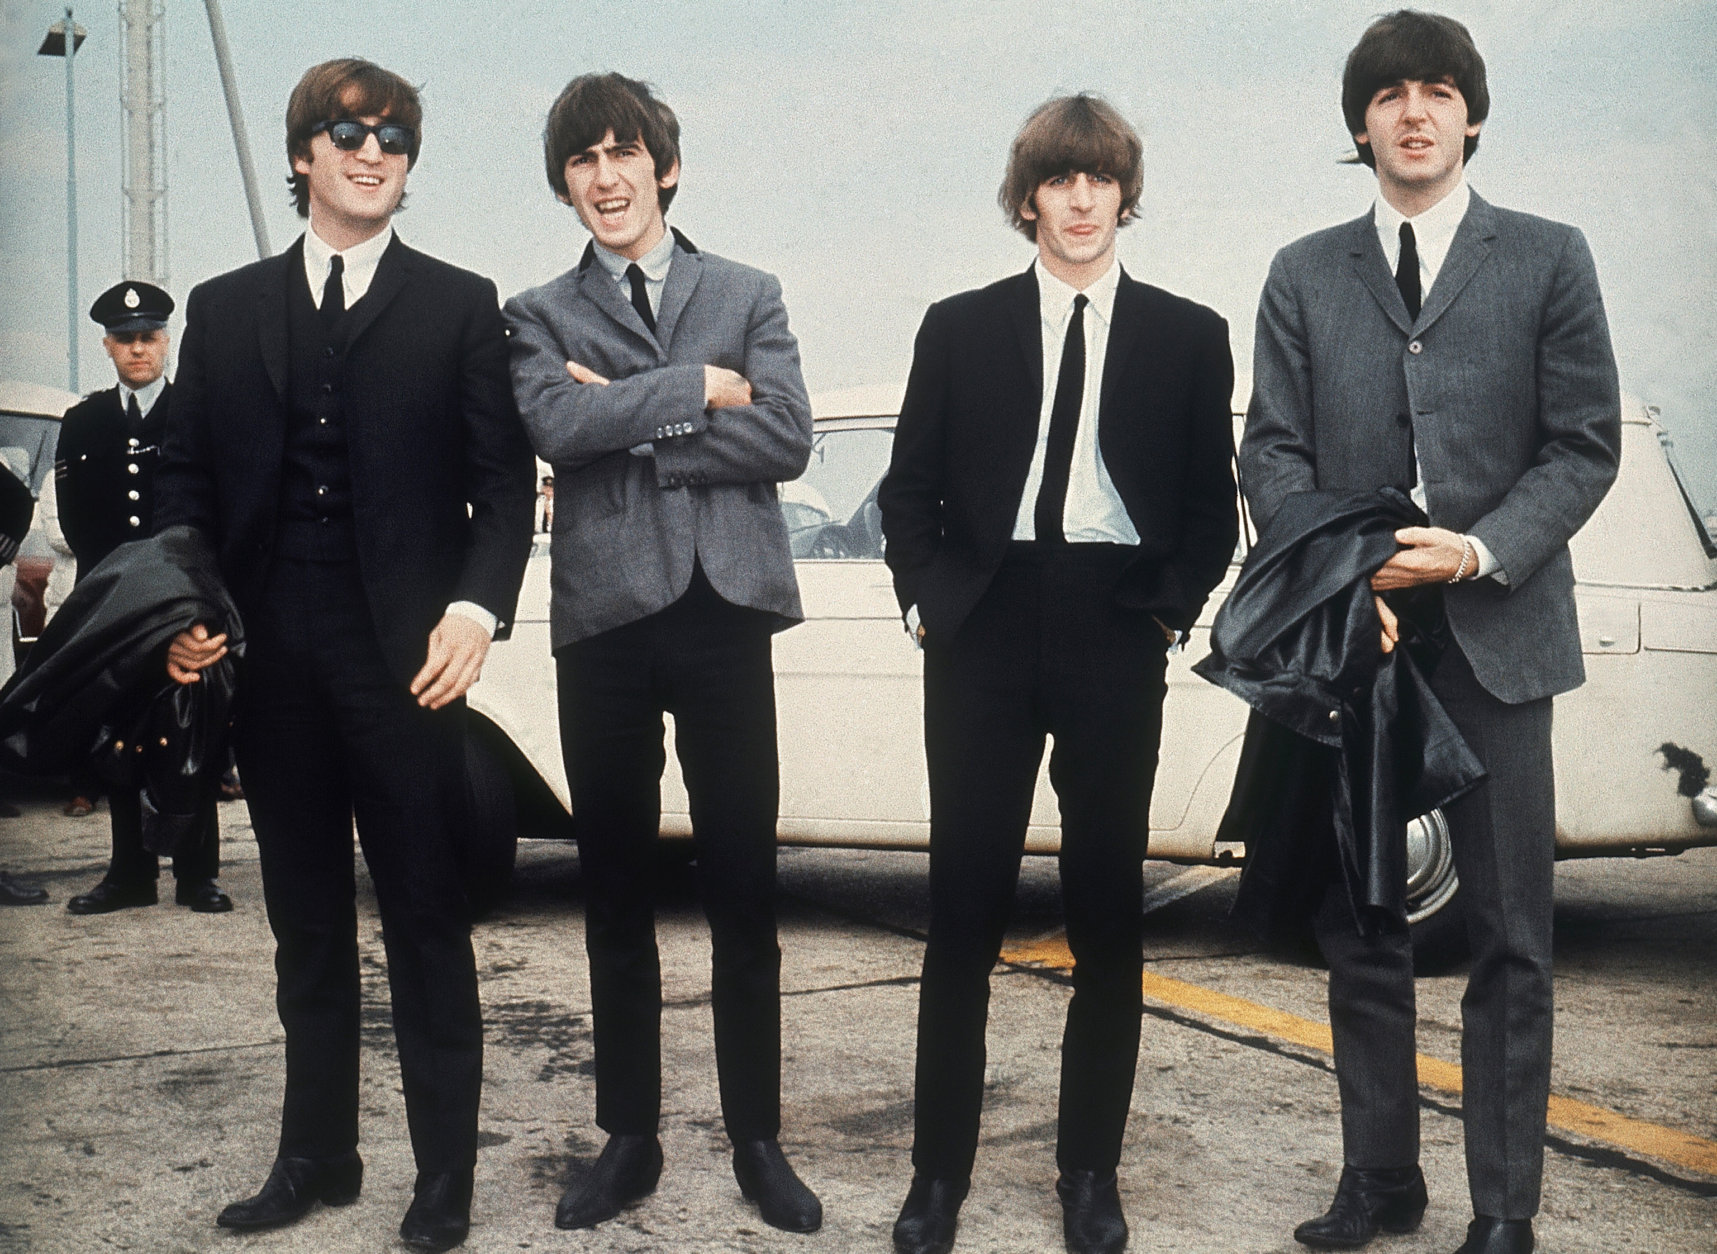 Paul McCartney: John Lennon responsible for Beatles breakup